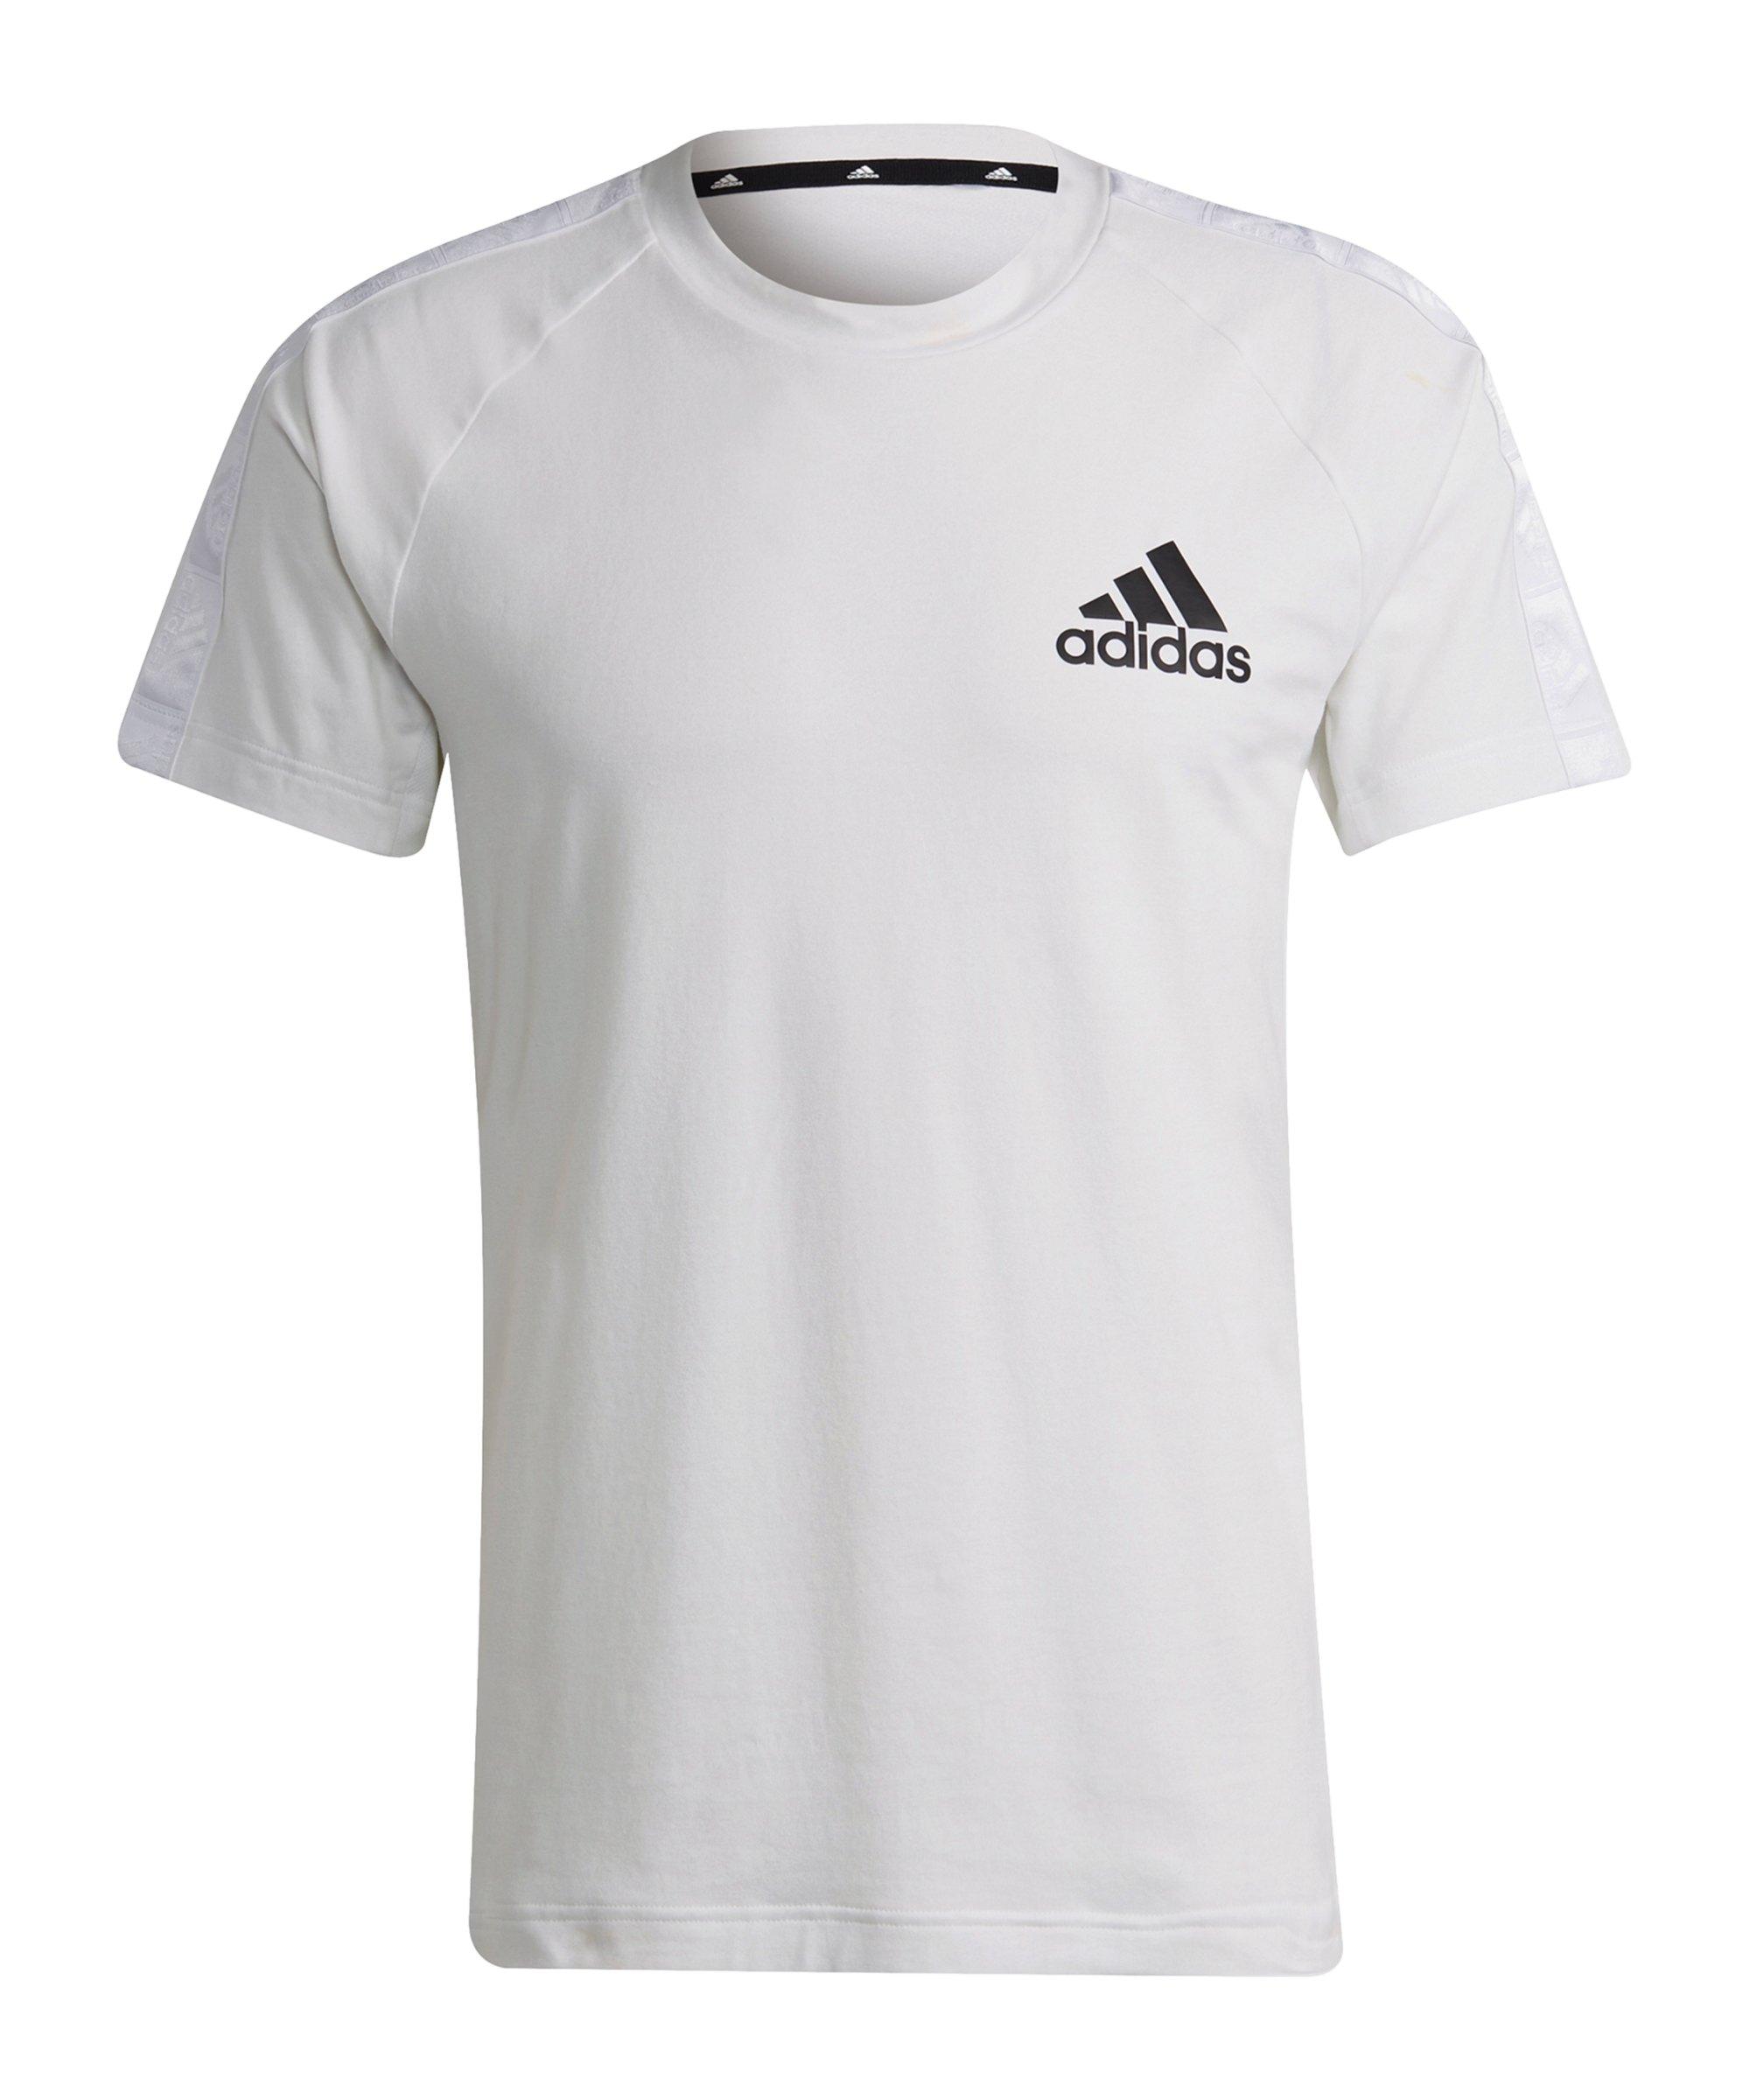 adidas D2M Motion T-Shirt Weiss Schwarz - weiss